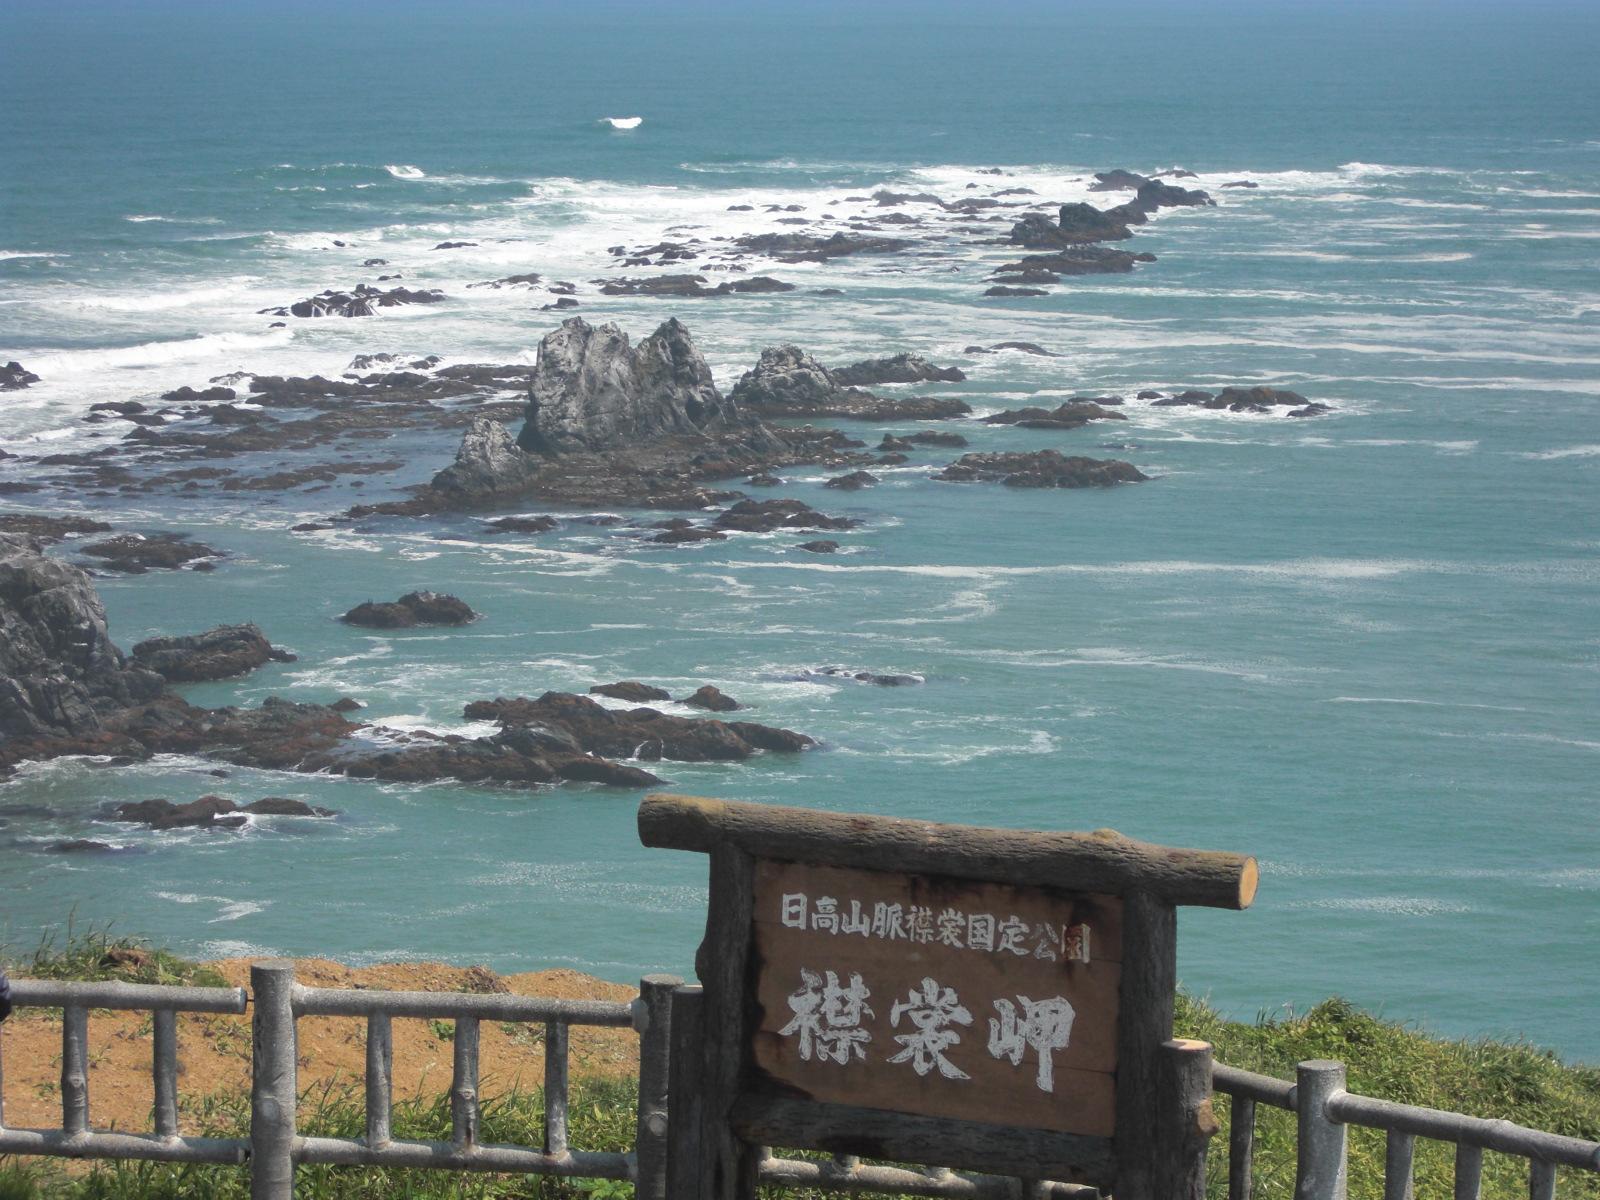 【襟裳町】襟裳岬周辺観光案内です。